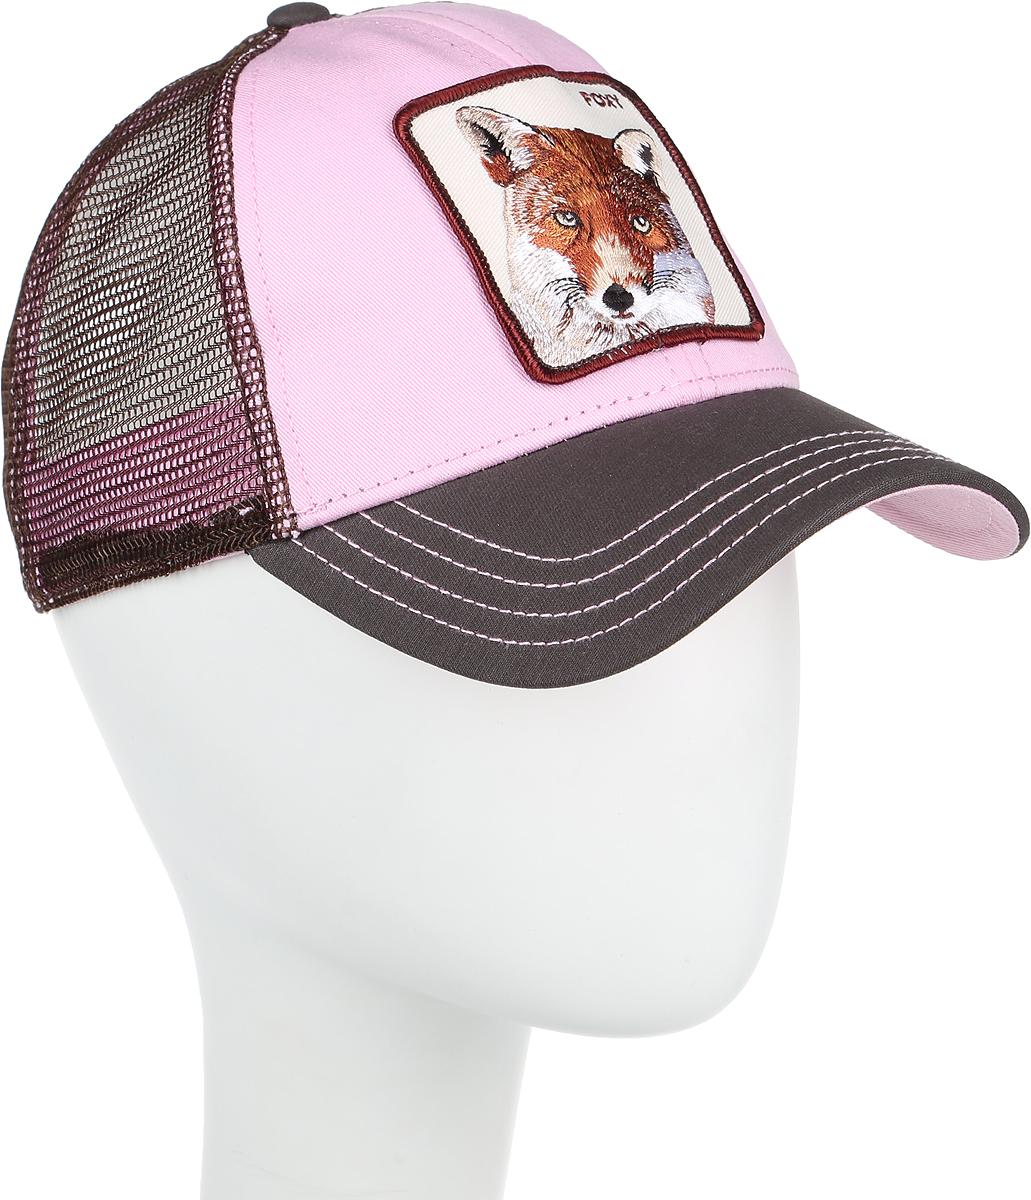 Бейсболка Goorin Brothers Foxy Baby, цвет: розовый, коричневый. 16-685-34-00. Размер универсальный16-685-34-00Стильная бейсболка Goorin Brothers, выполненная из полиэстера и хлопка, идеально подойдет для прогулок, занятия спортом и отдыха. Она надежно защитит вас от солнца и ветра. Задняя часть имеет сетчатую вставку для вентиляции воздуха. Изделие оформлено нашивкой с изображением лисы и надписью Foxy. Обхват регулируется с помощью пластикового ремешка.